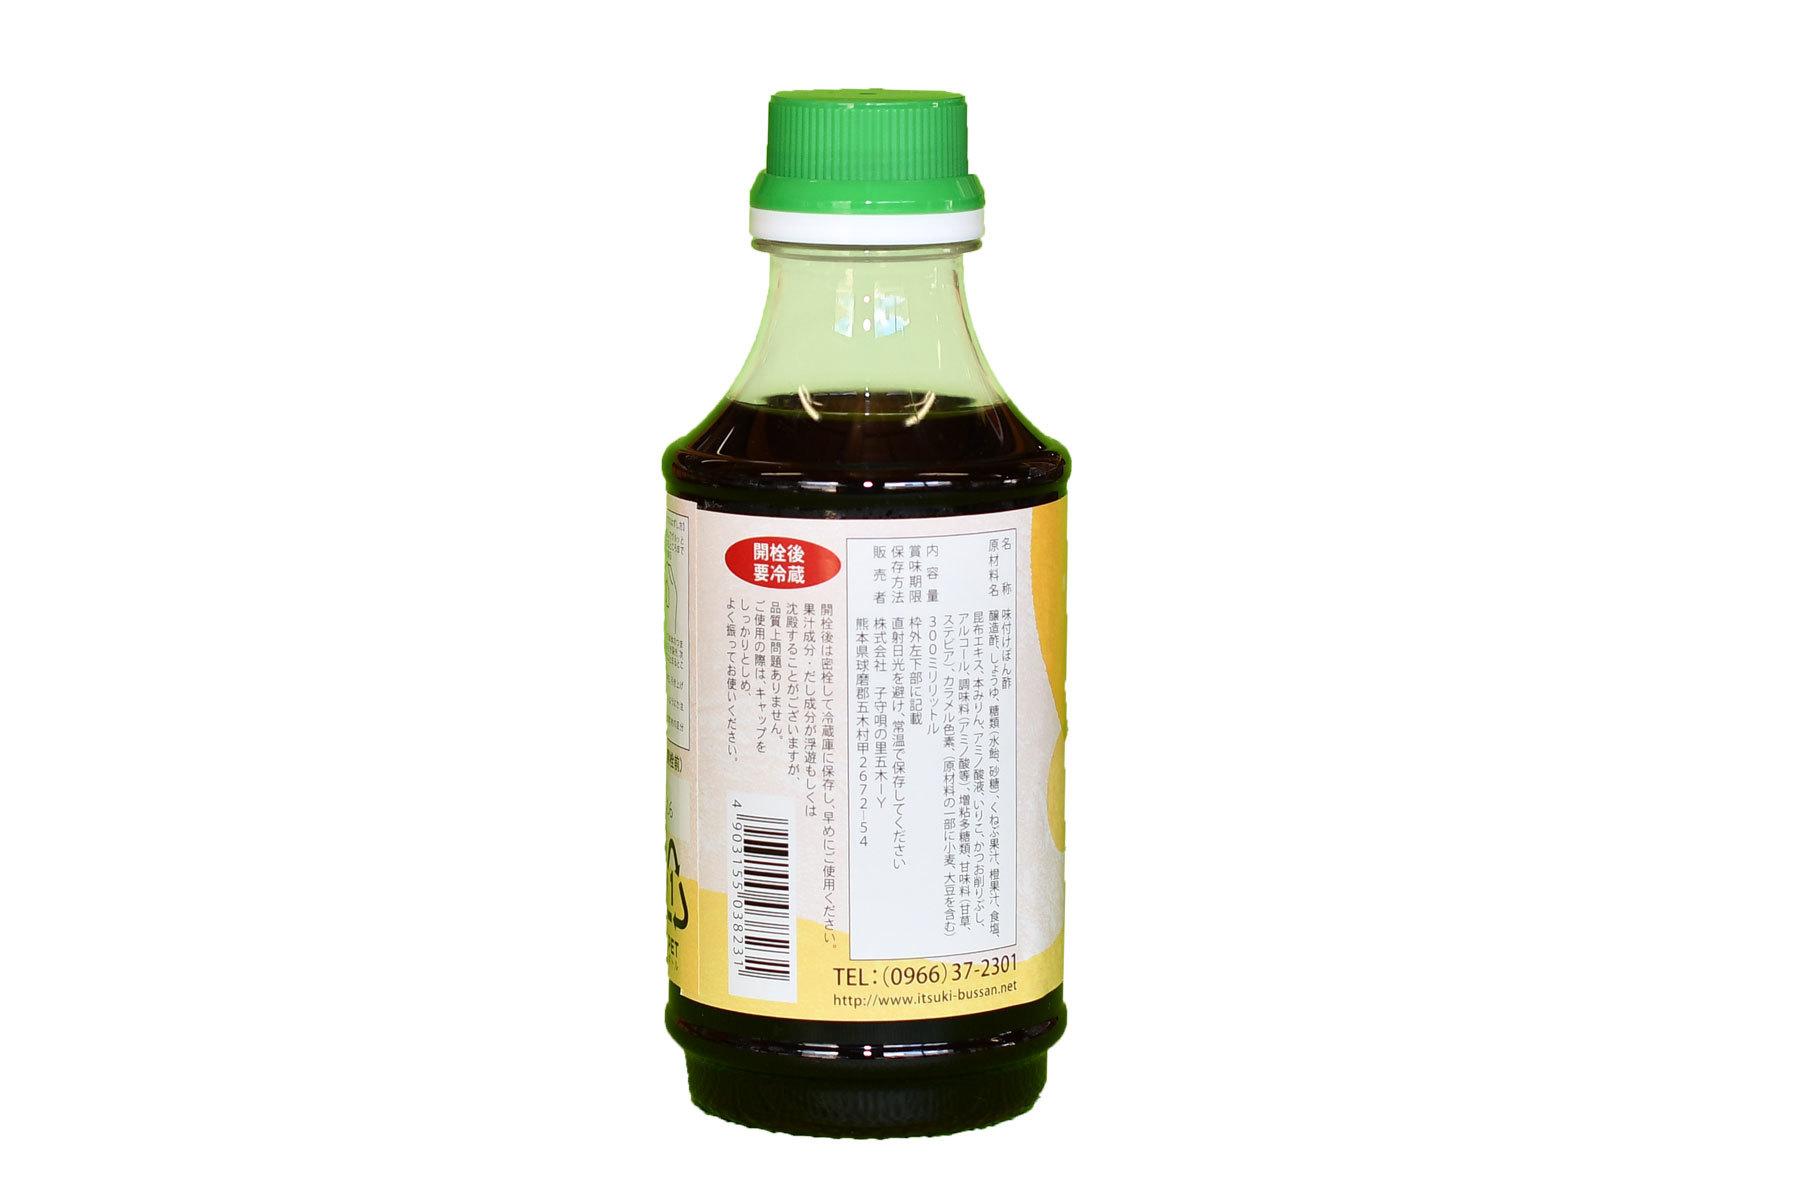 くねぶポン酢 - 画像3